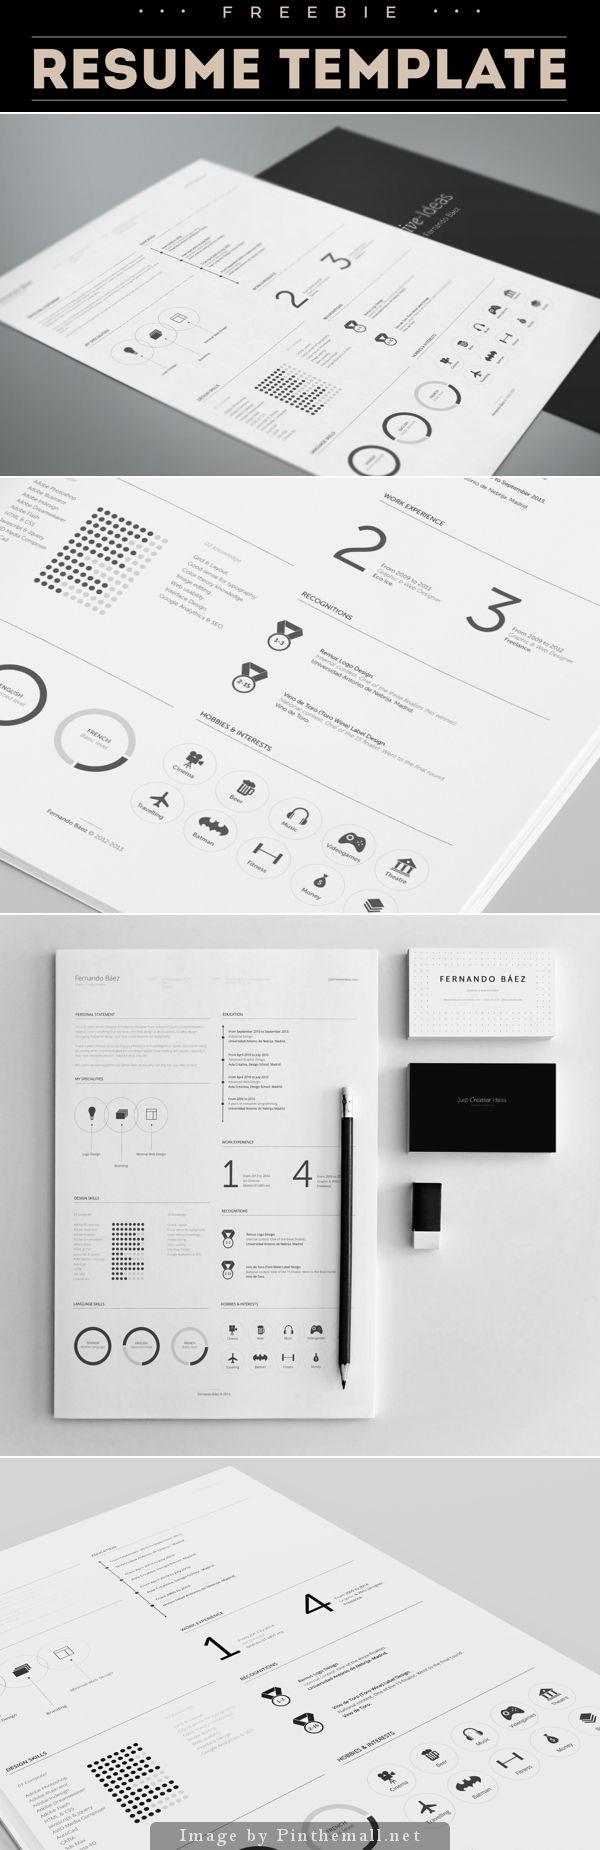 Best Resume Design Images On